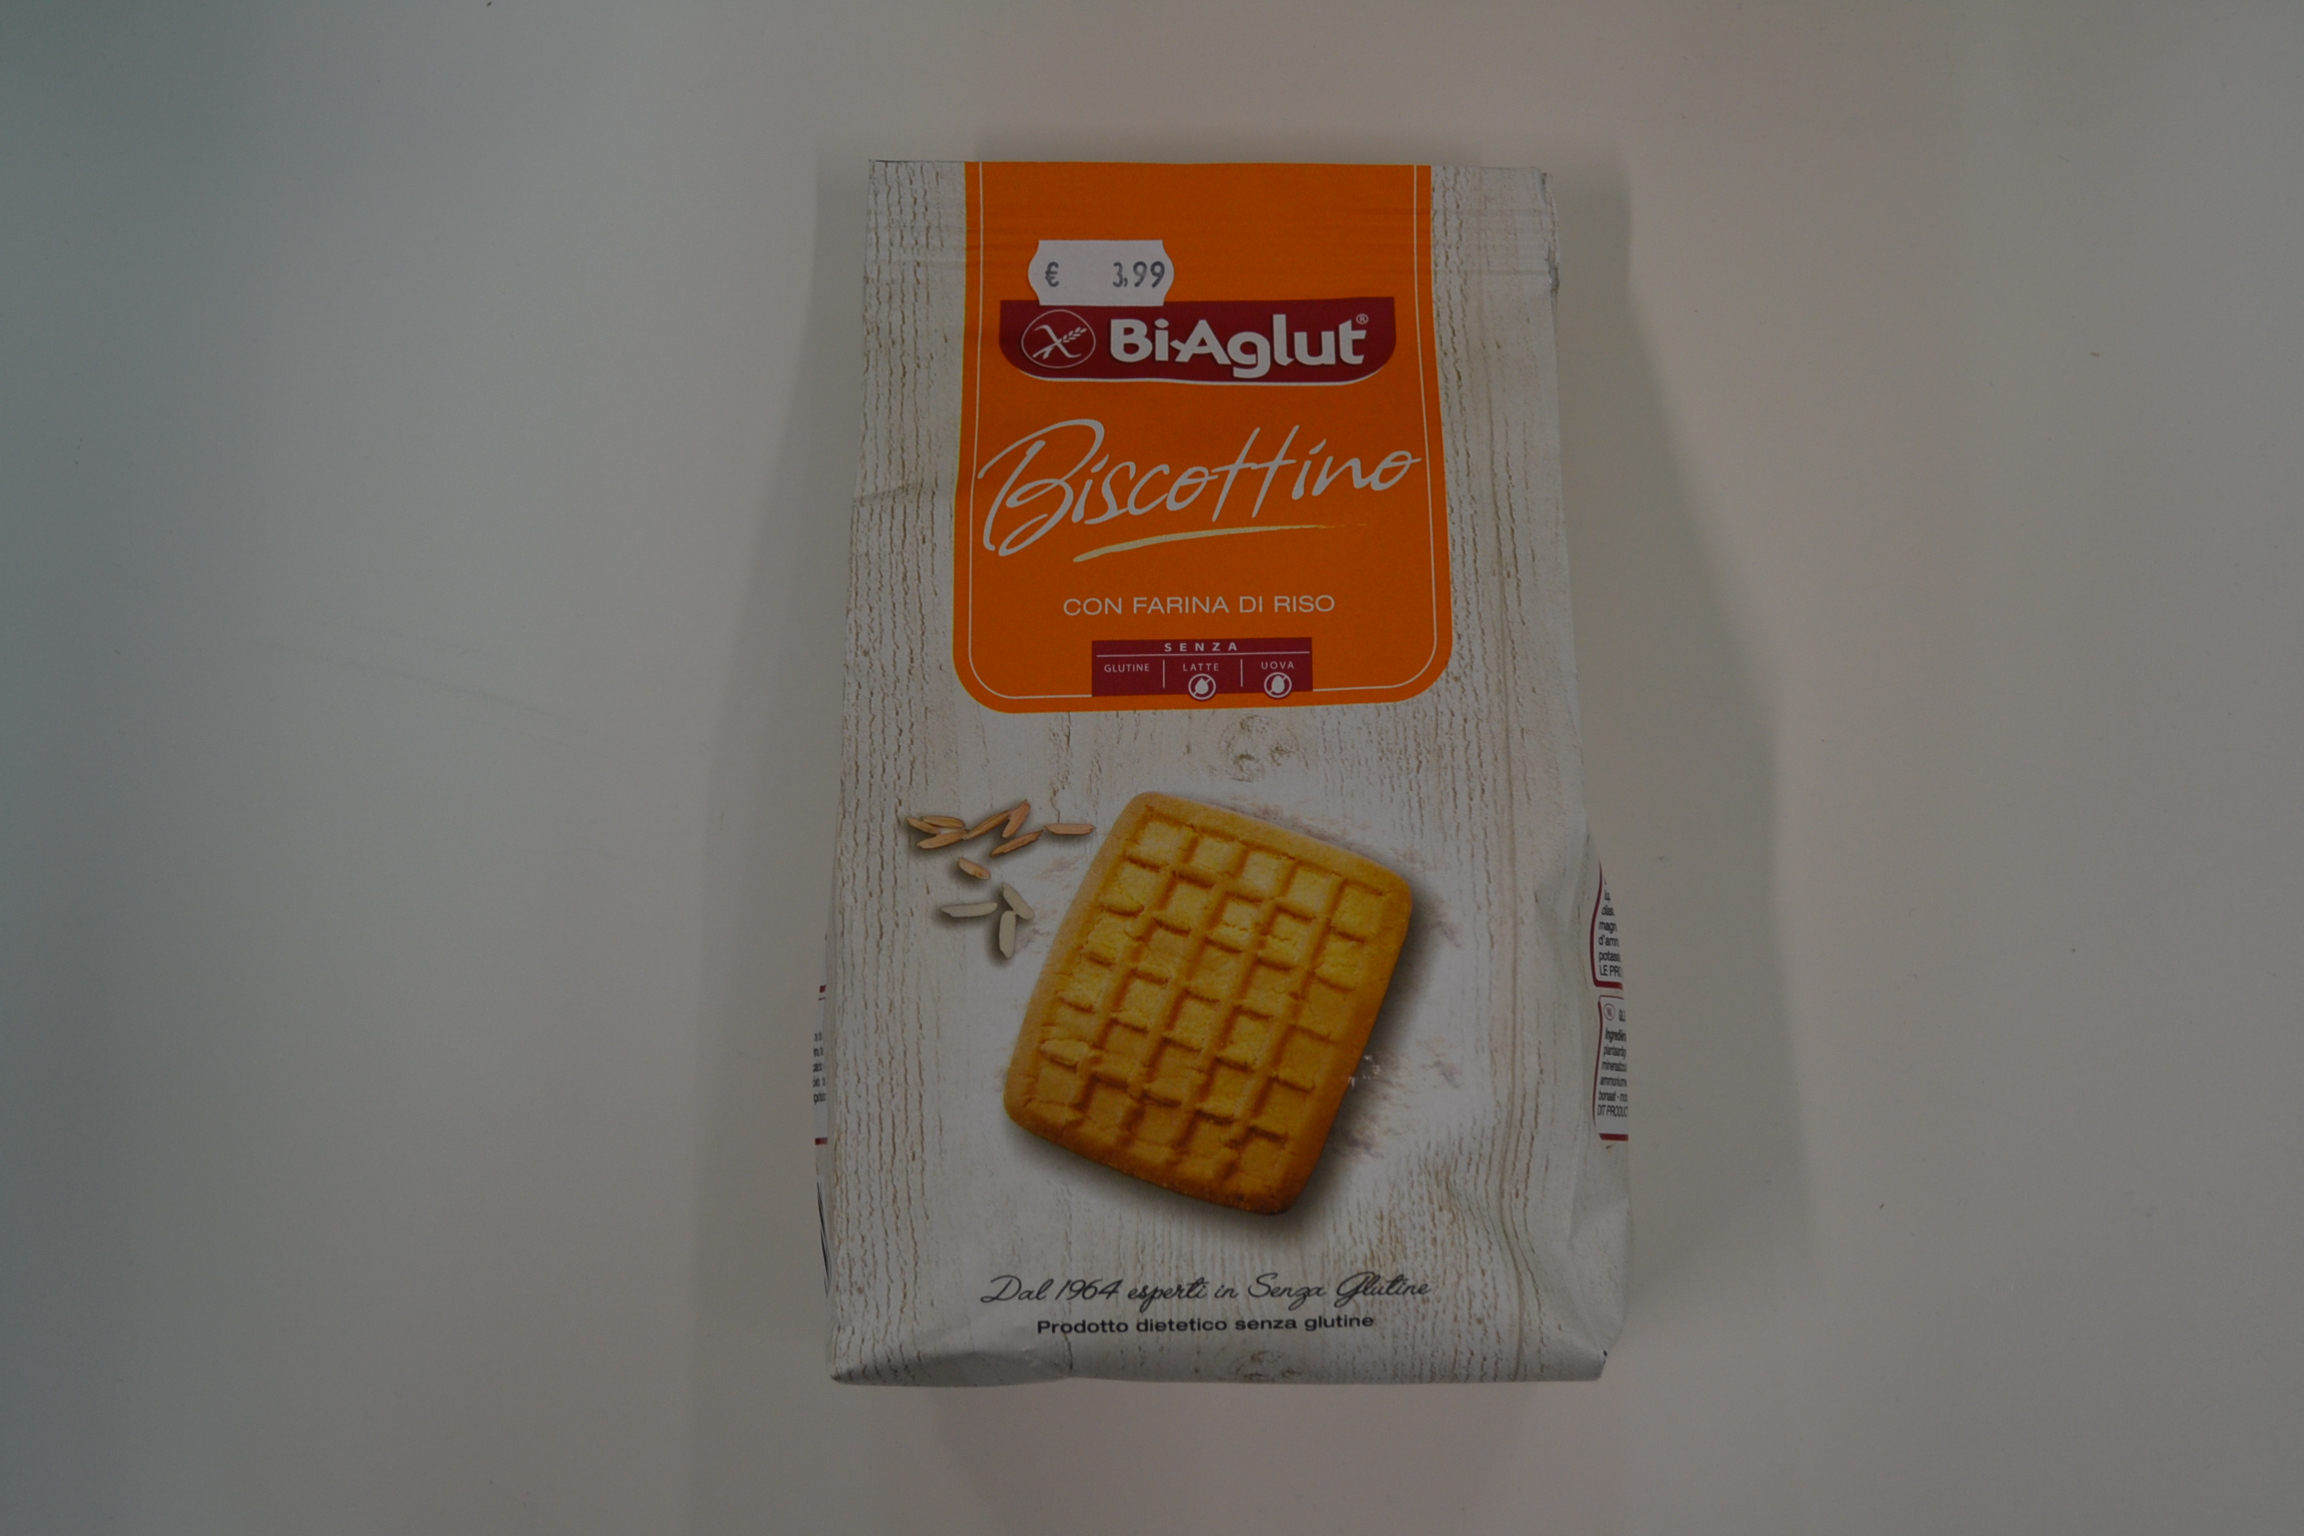 Biscottino con farina di riso BIAGLUT